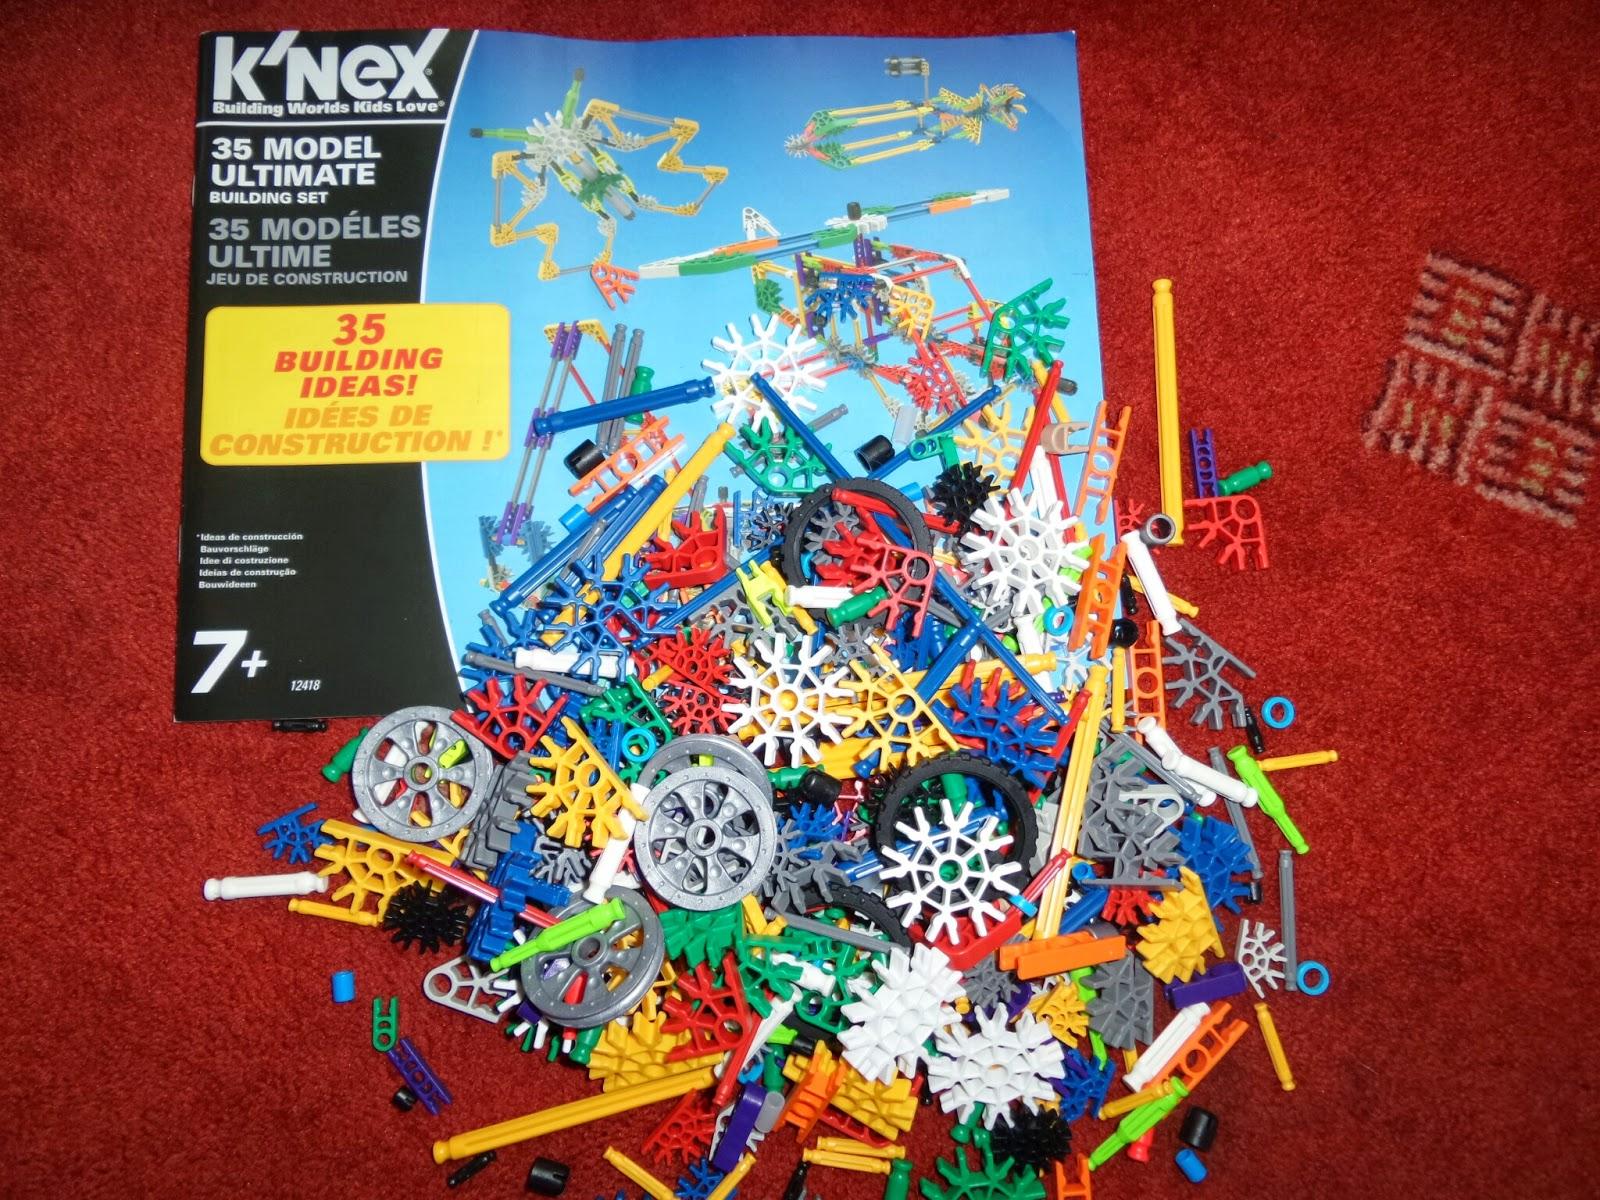 Pile of K'NEX